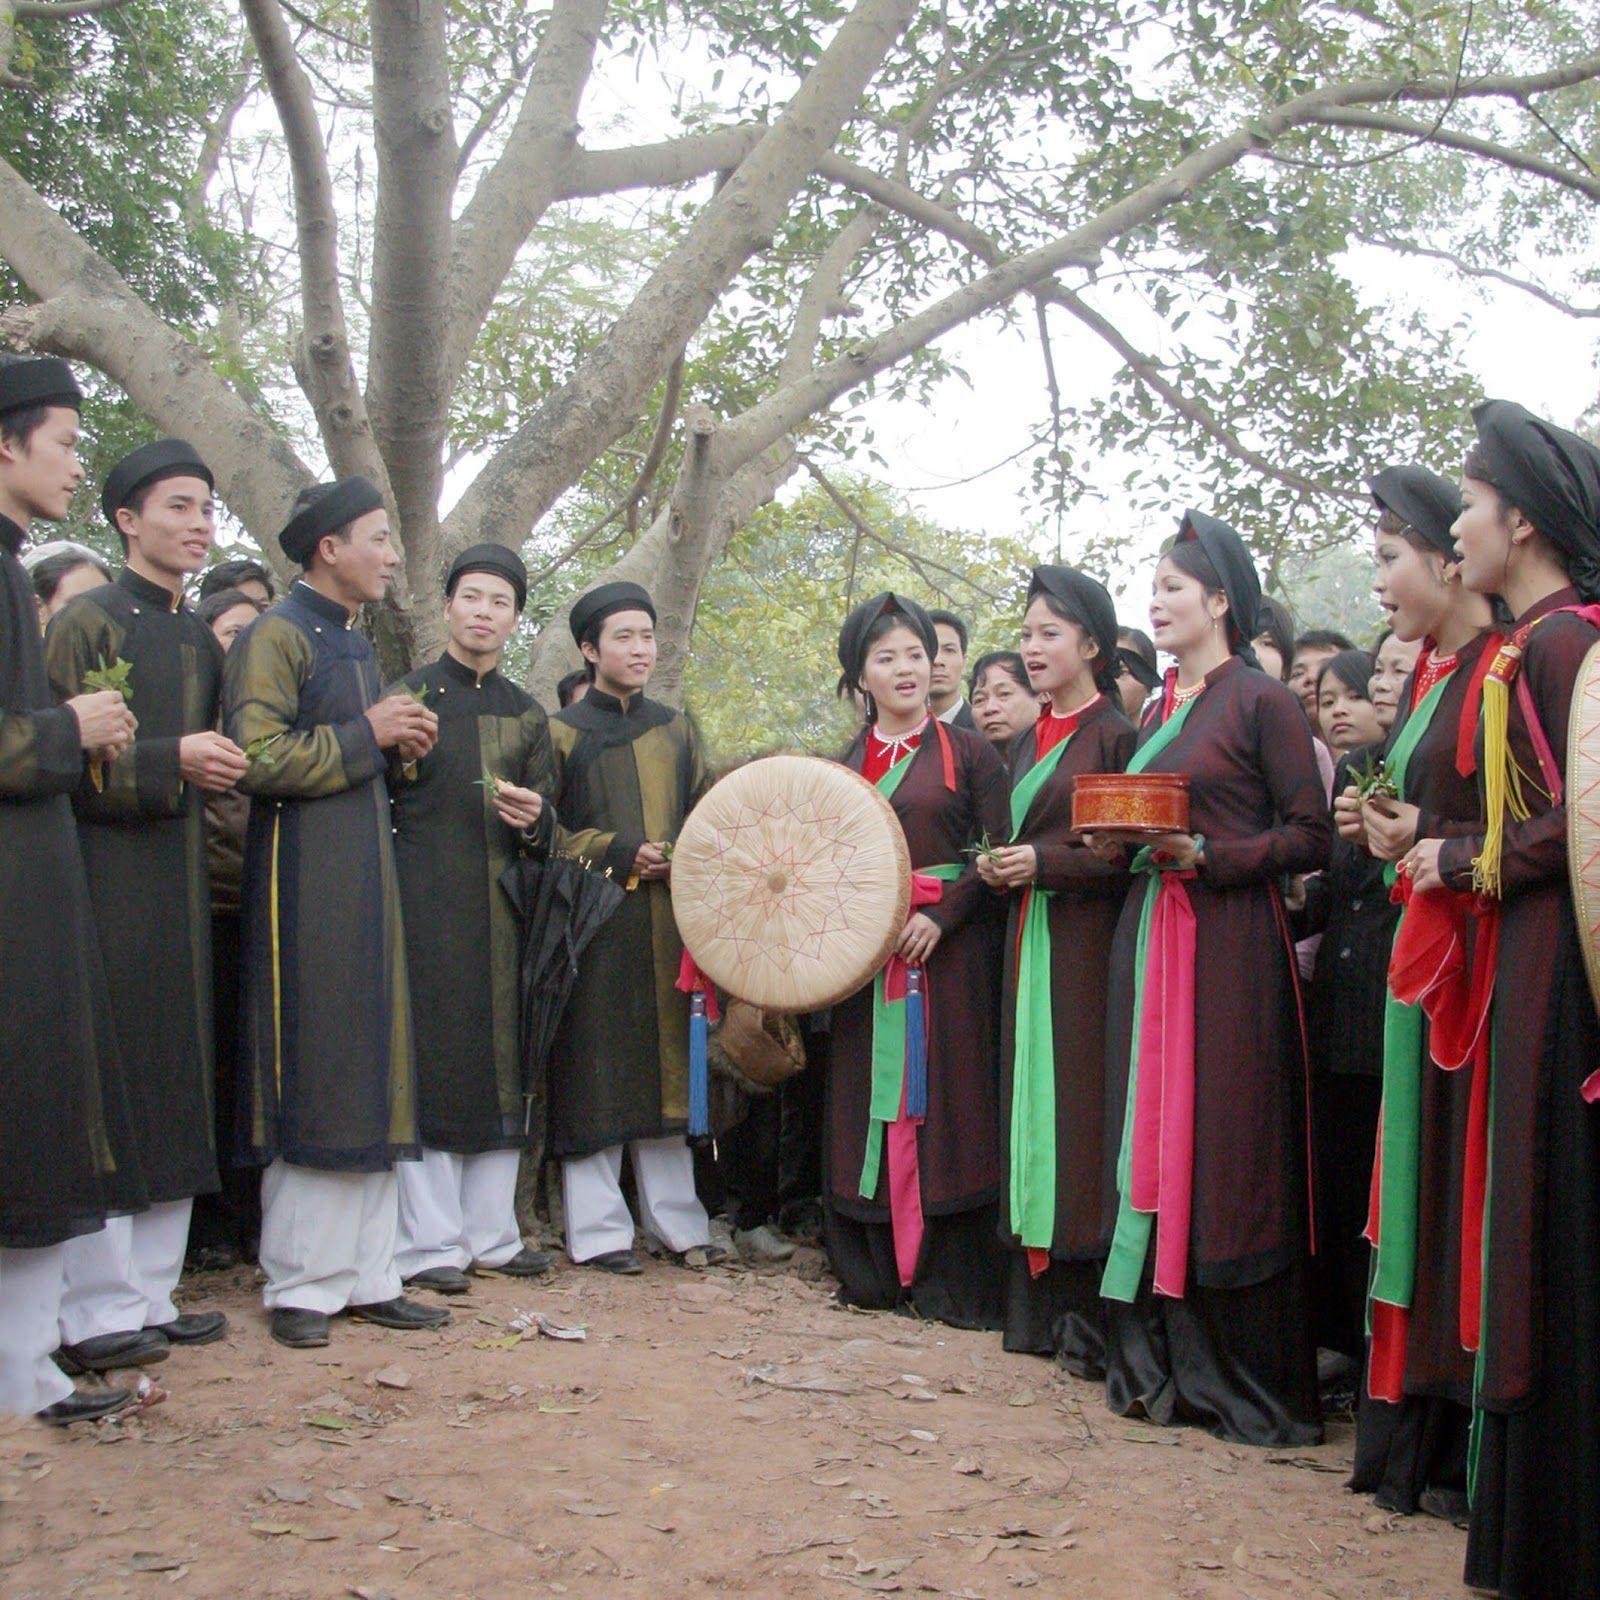 Quan-Ho-Bac-Ninh-Folk-Songs (2)